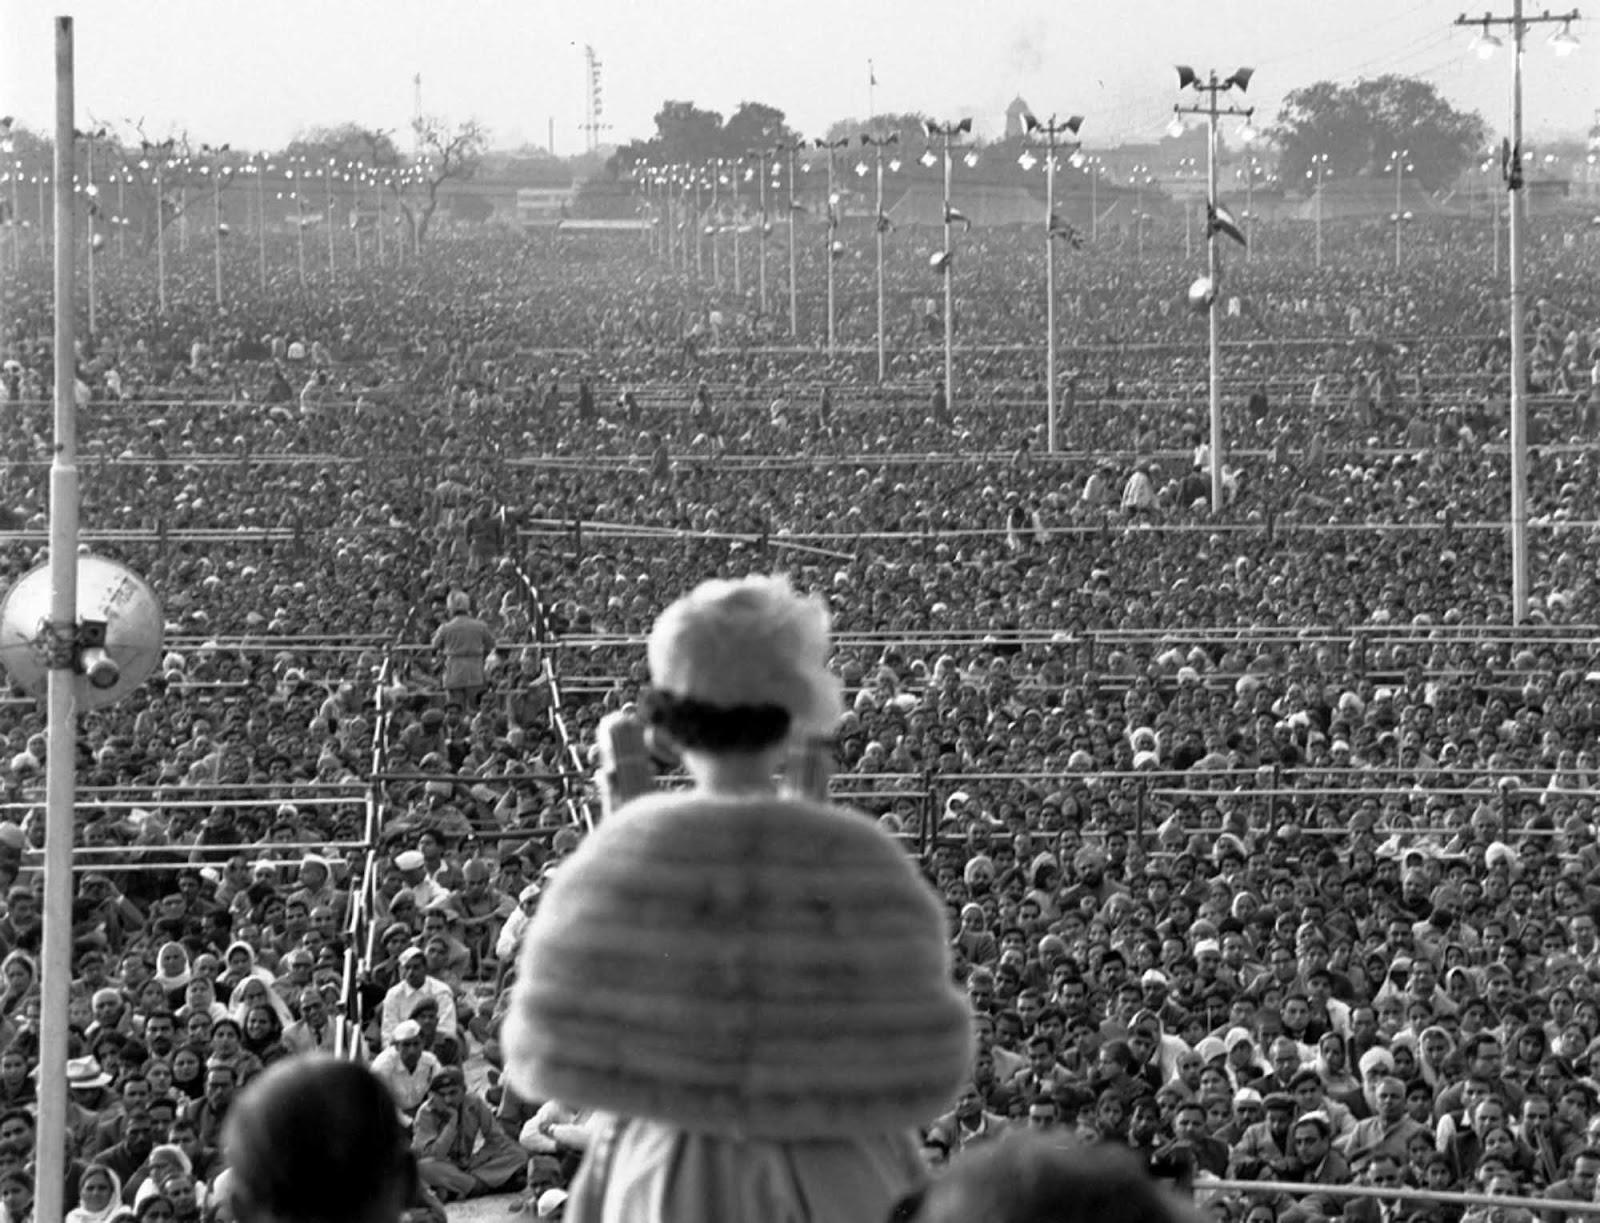 La reina Isabel II de Gran Bretaña se dirige a una vasta reunión de más de un cuarto de millón en Ramlila Grounds, un gran lugar de reunión pública fuera de los muros de la Vieja Delhi, India, en 1961.